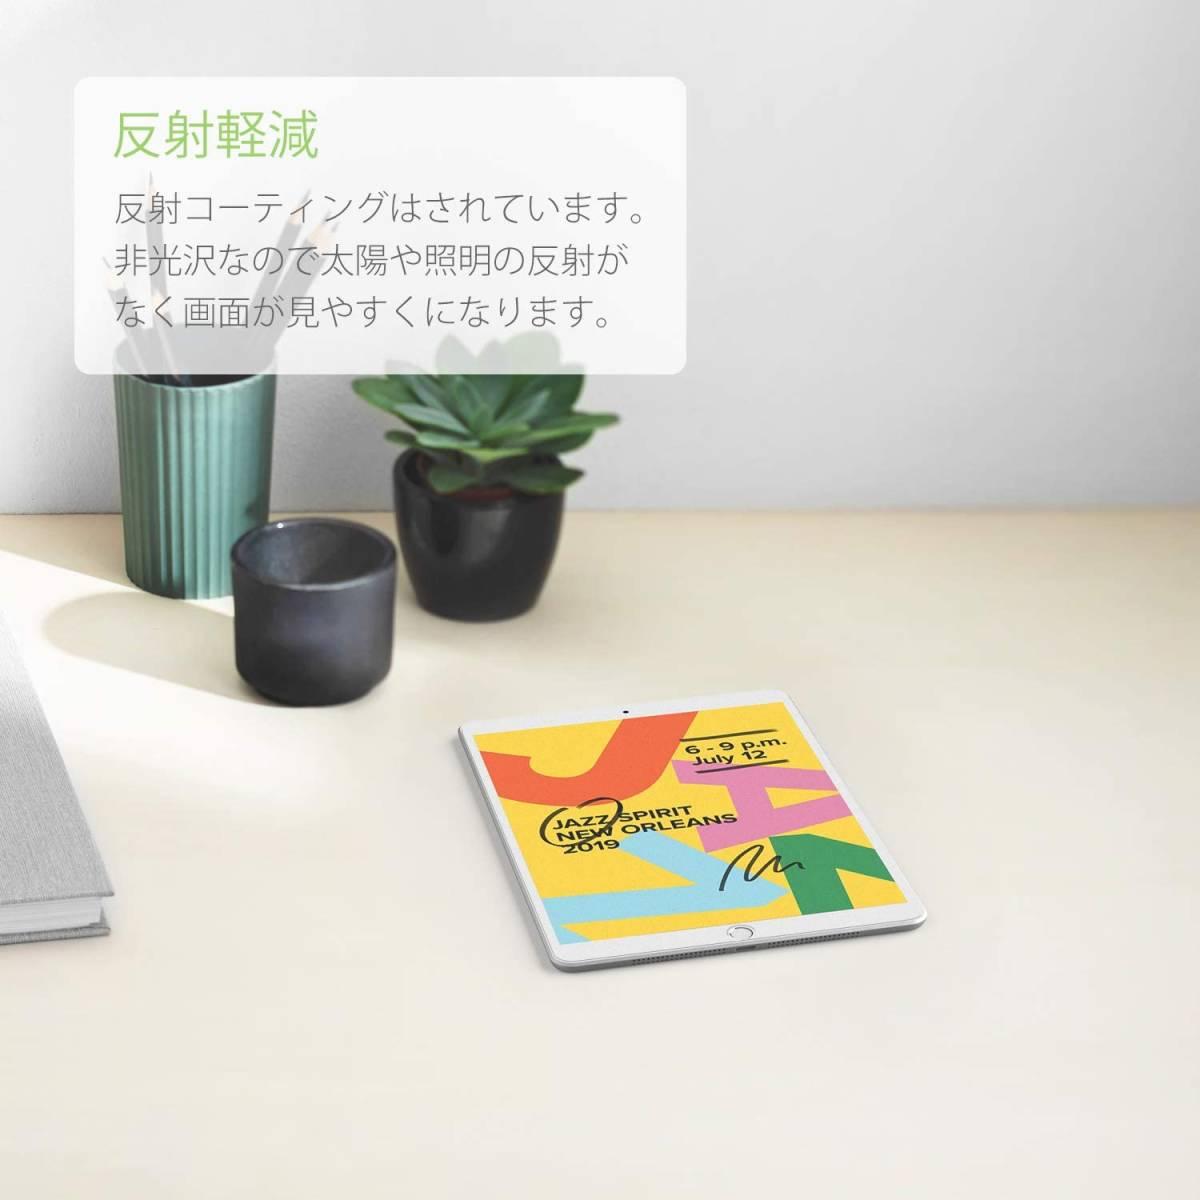 【ガイド枠付き】 iPad 10.2 用 ペーパーライク フィルム 箱キズあり_画像5